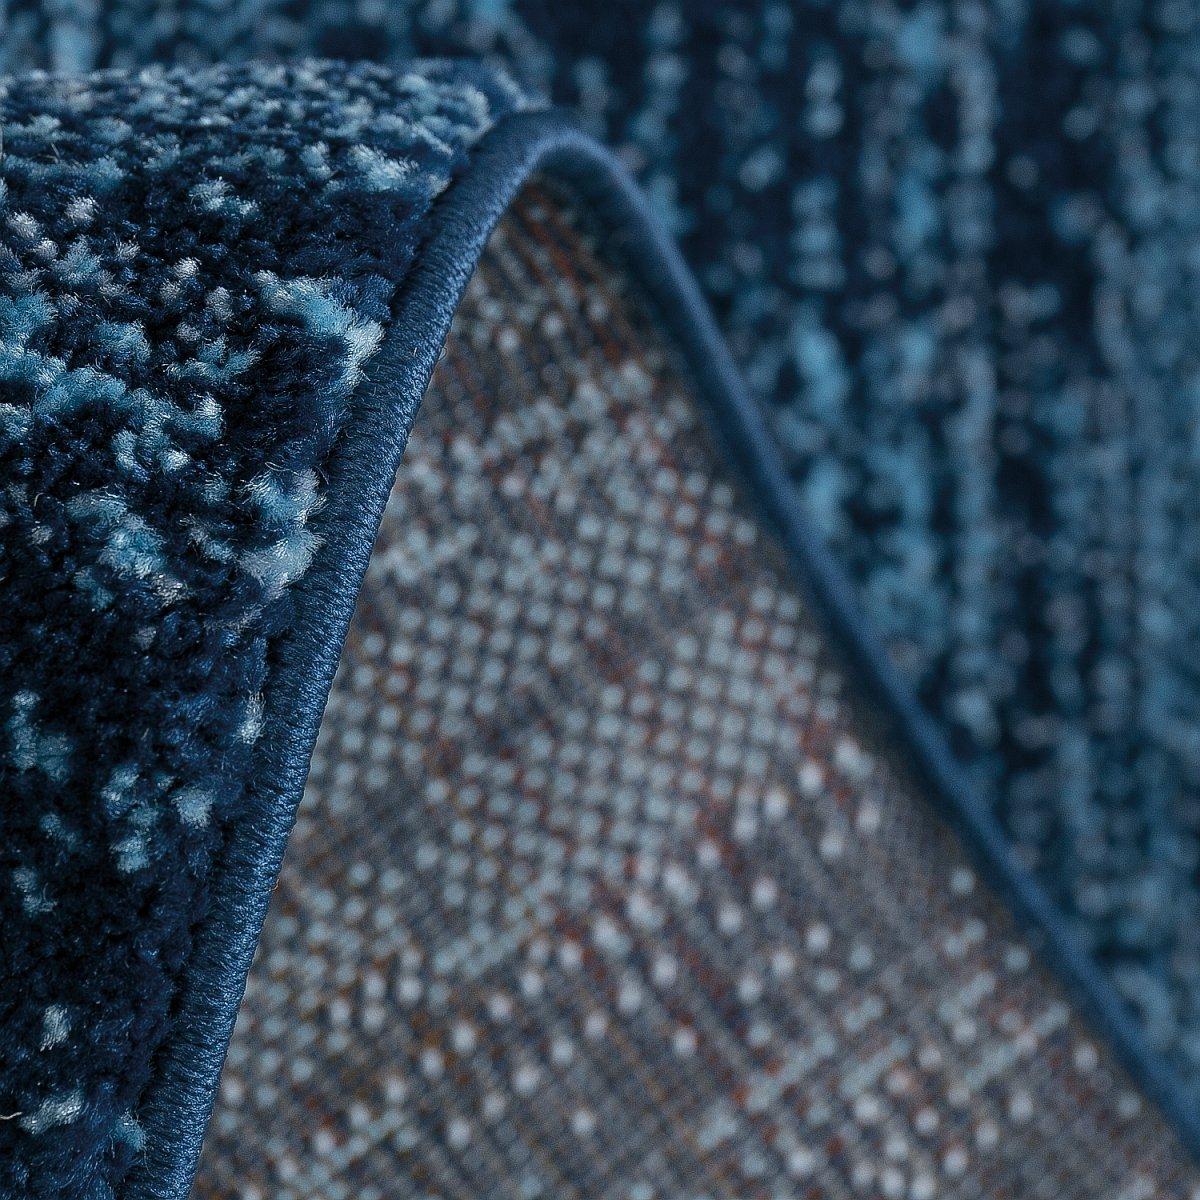 Teppich Kurzflor Kurzflor Kurzflor Wohnzimmer Meliert Mehrfarbig Beige, Braun, Türkis, Grau, Blau, Türkis-Grau, Rosa, Grün, Pflegeleicht Robust Qualität - VIMODA, Farbe Grün, Maße 120x170 cm B073CM63Q6 Teppiche c97f66